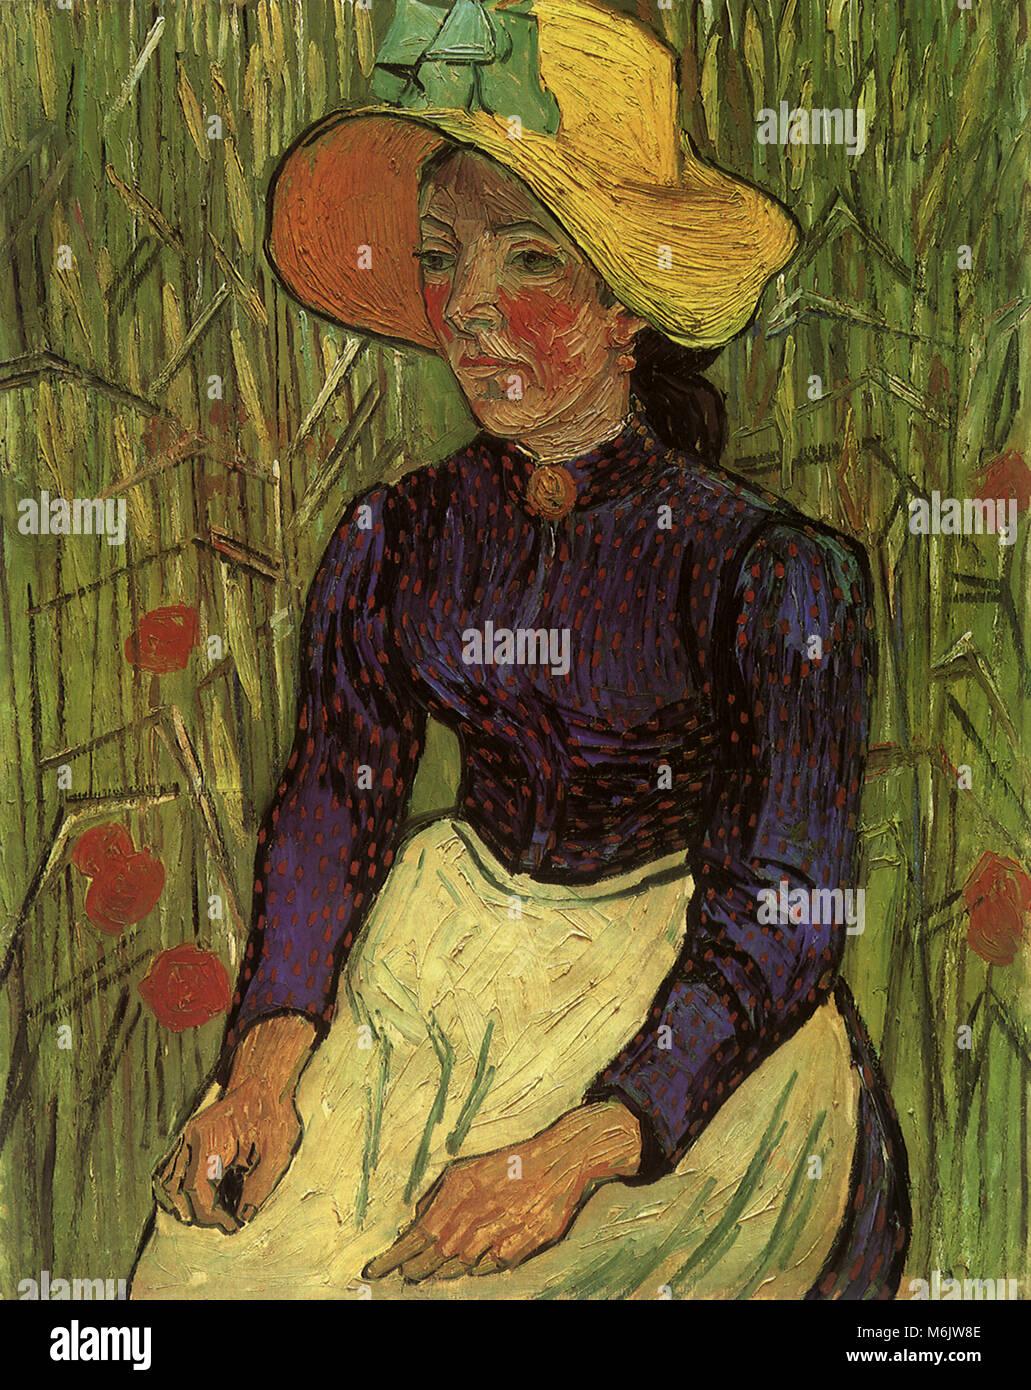 Giovane contadino di donna con cappello di paglia in seduta il frumento 3866529ee382